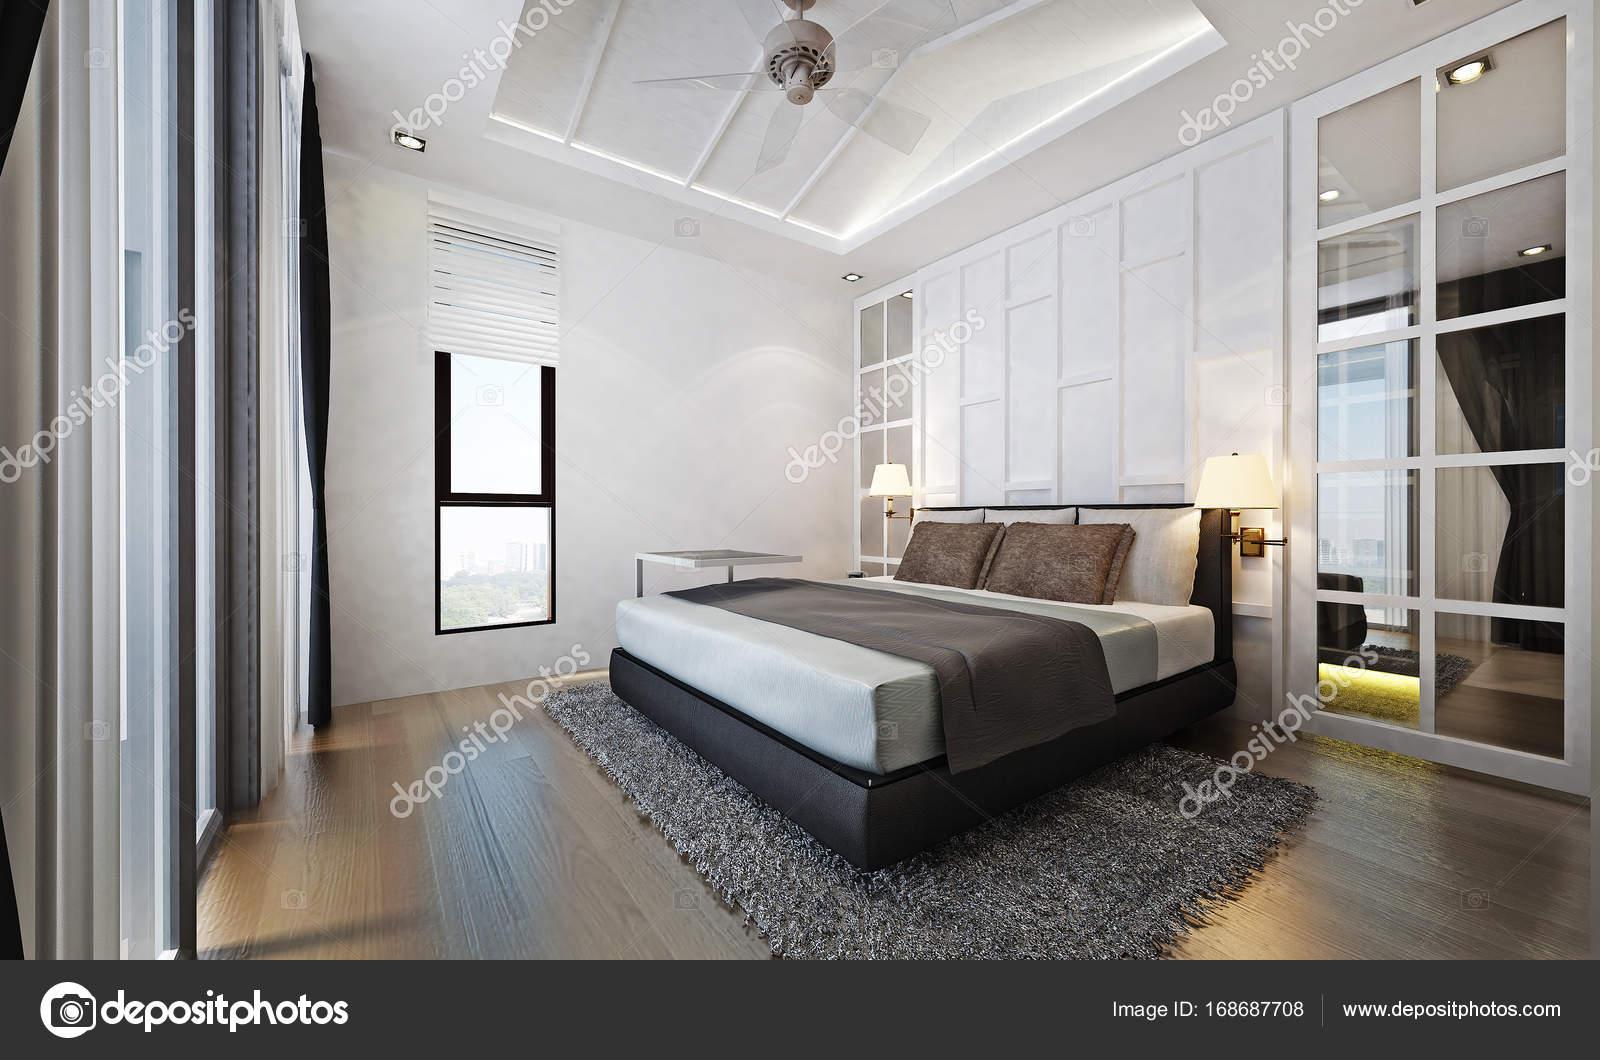 Das Thai moderne Bett Zimmer Interior design — Stockfoto © Teeraphan ...